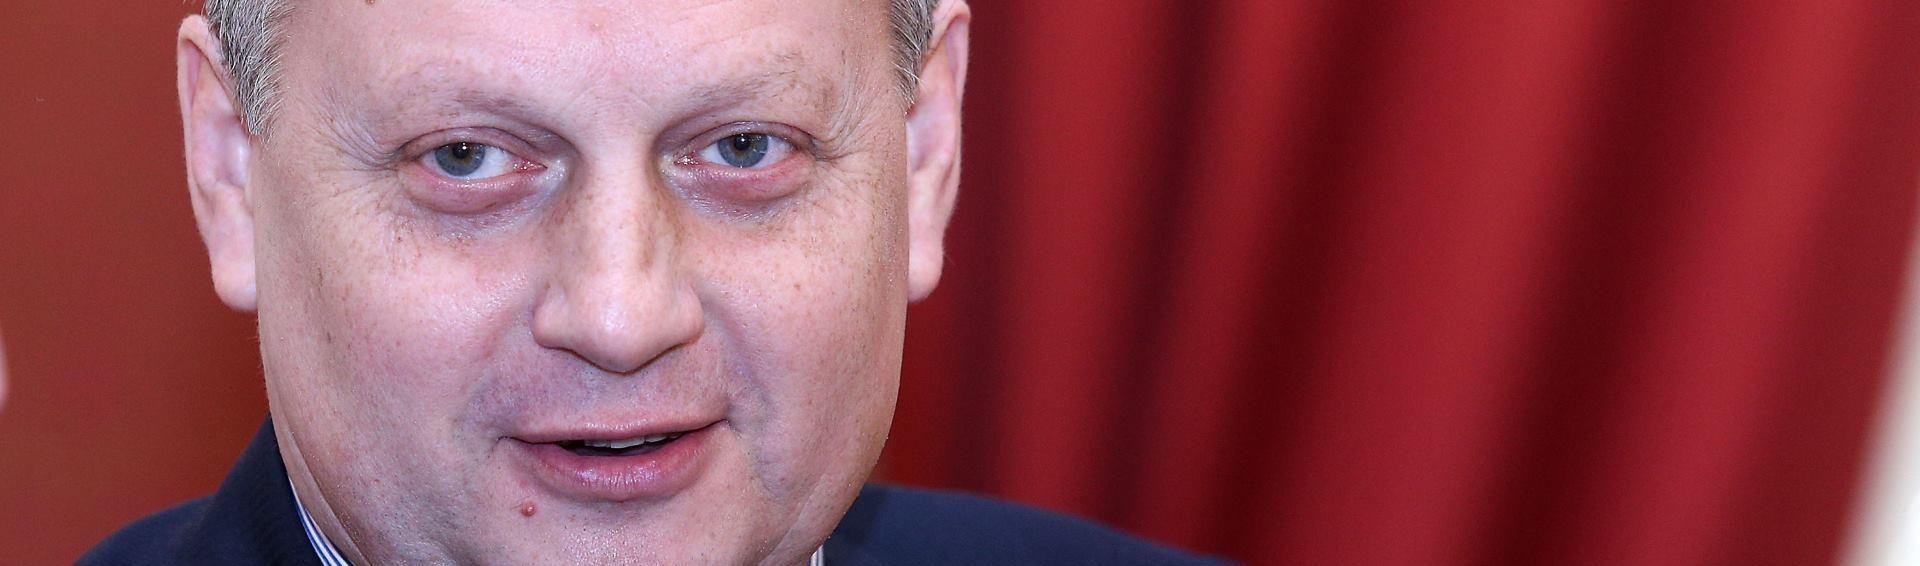 HNS ODLUČIO Berislav Šipuš bi trebao naslijediti Andreu Zlatar Violić